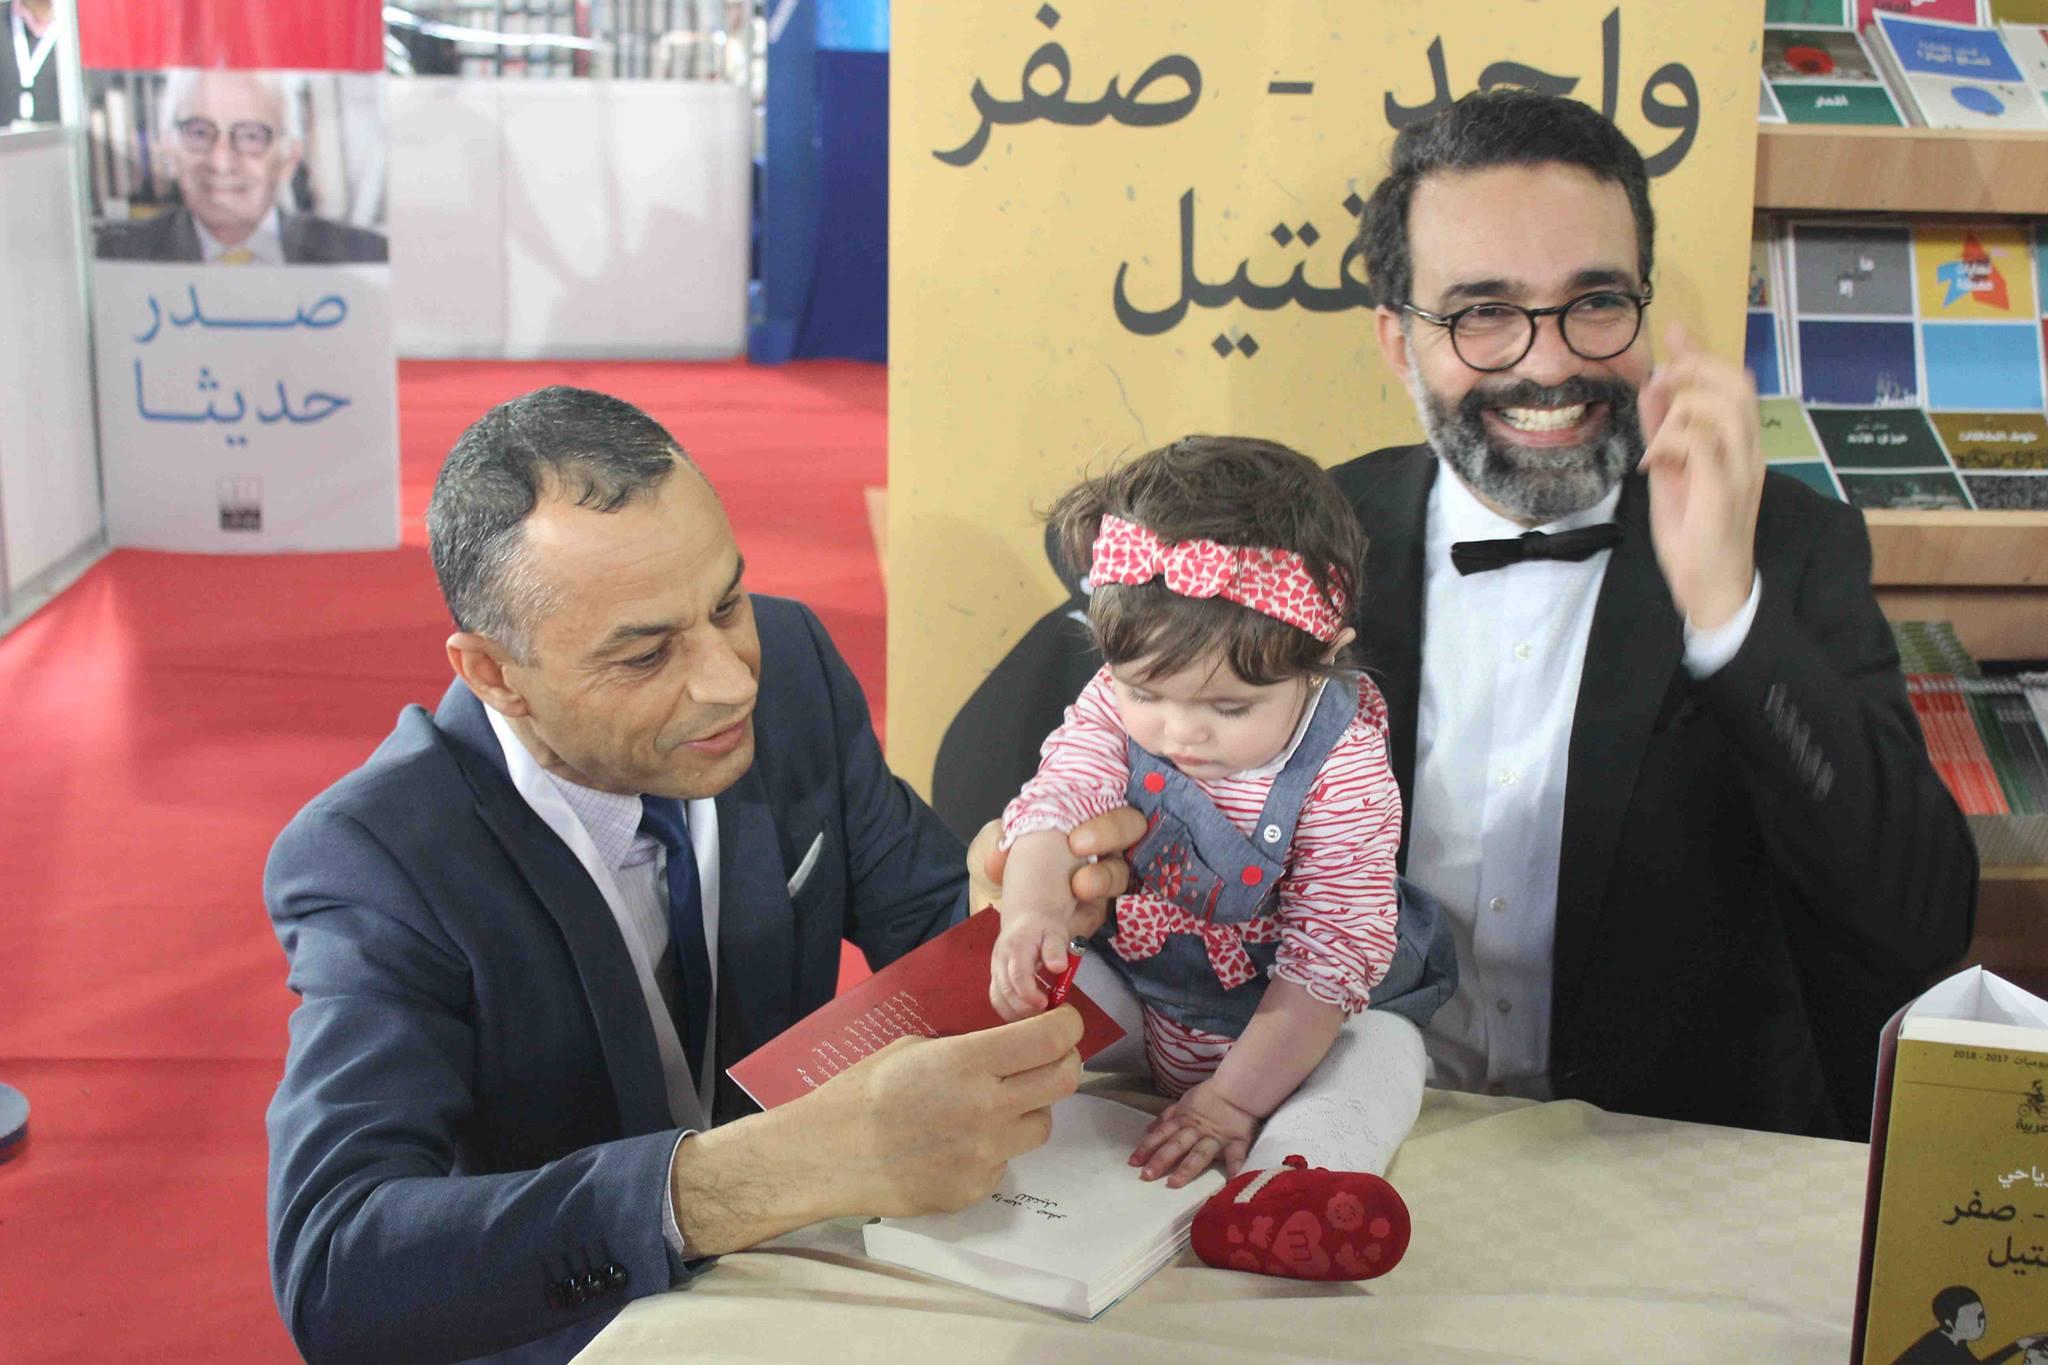 كمال الرياحى يوقع كتابه واحد صفر للقتيل الفائز بجائزة ابن بطوطة فى معرض تونس (6)